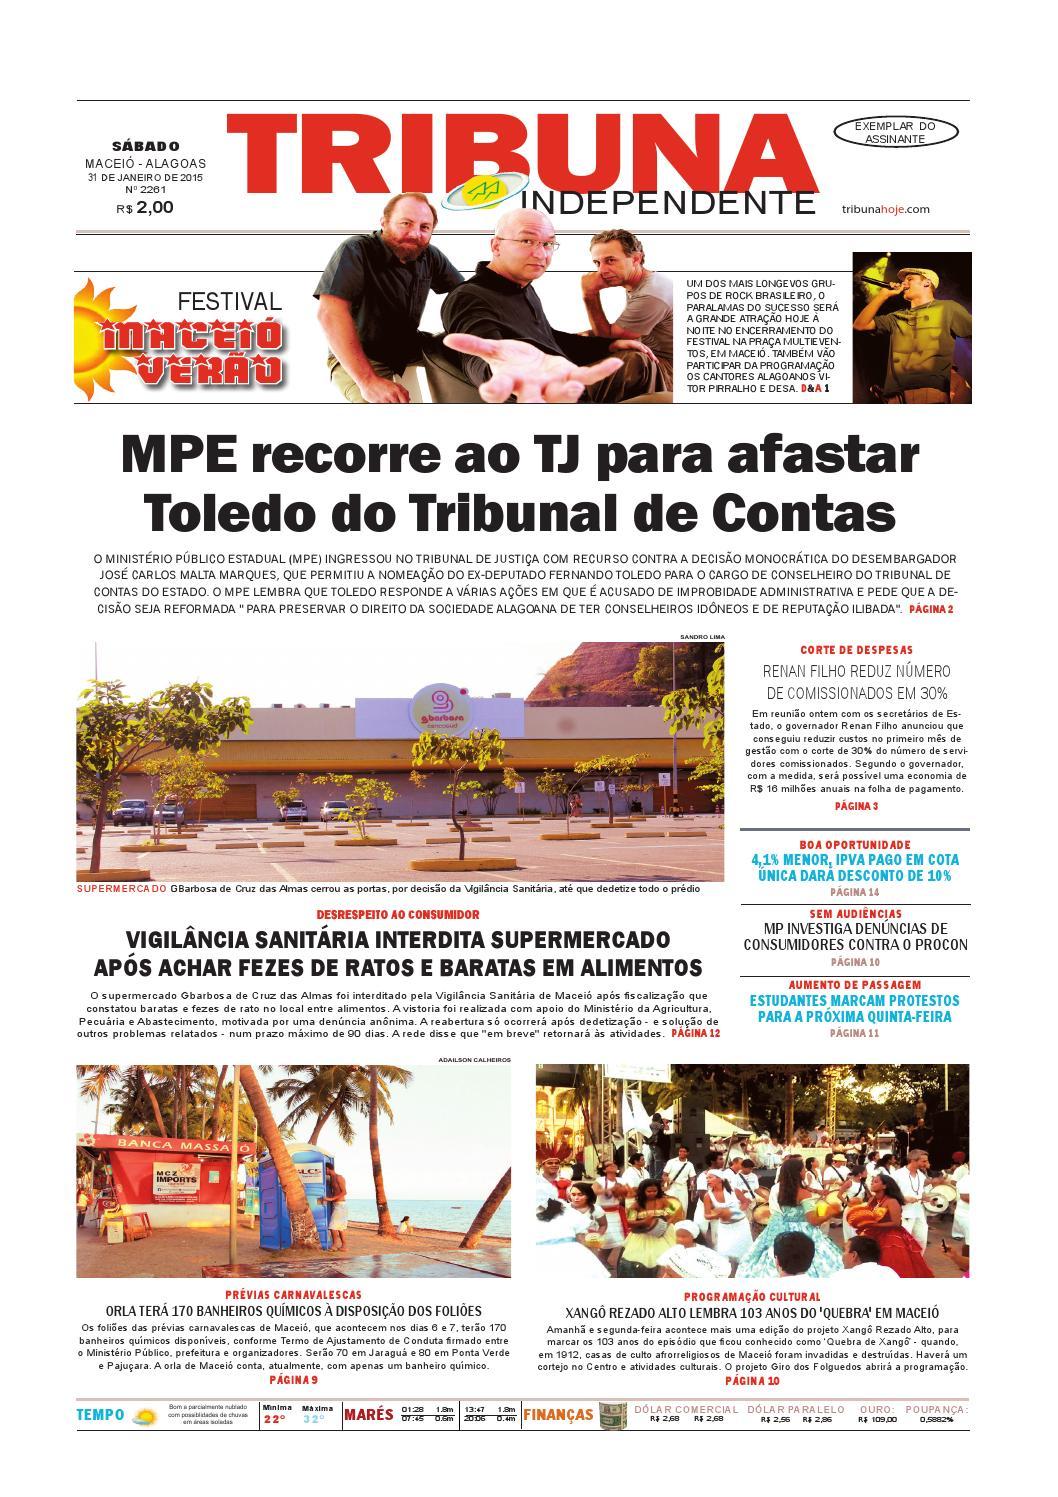 b749400680f Edição número 2261 - 31 de janeiro de 2015 by Tribuna Hoje - issuu